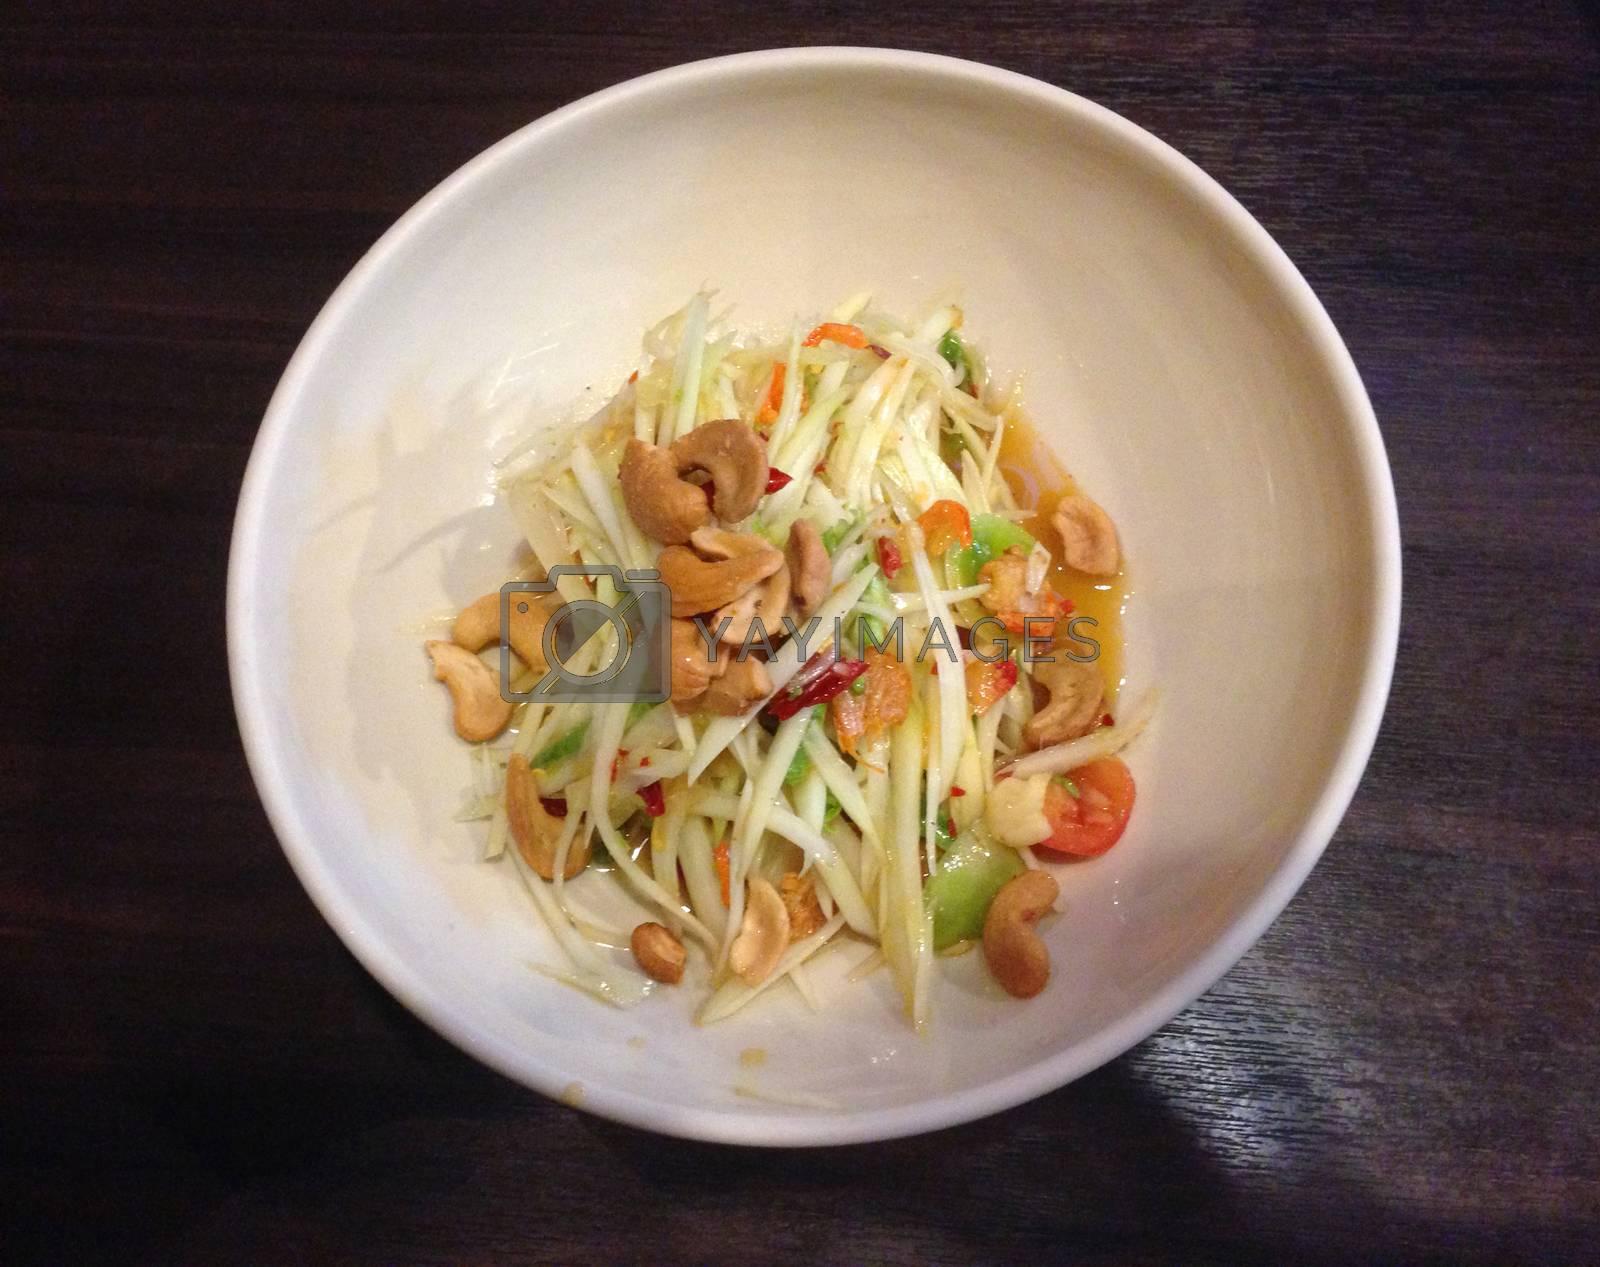 Royalty free image of the dish of papaya salad, spicy food by pandara